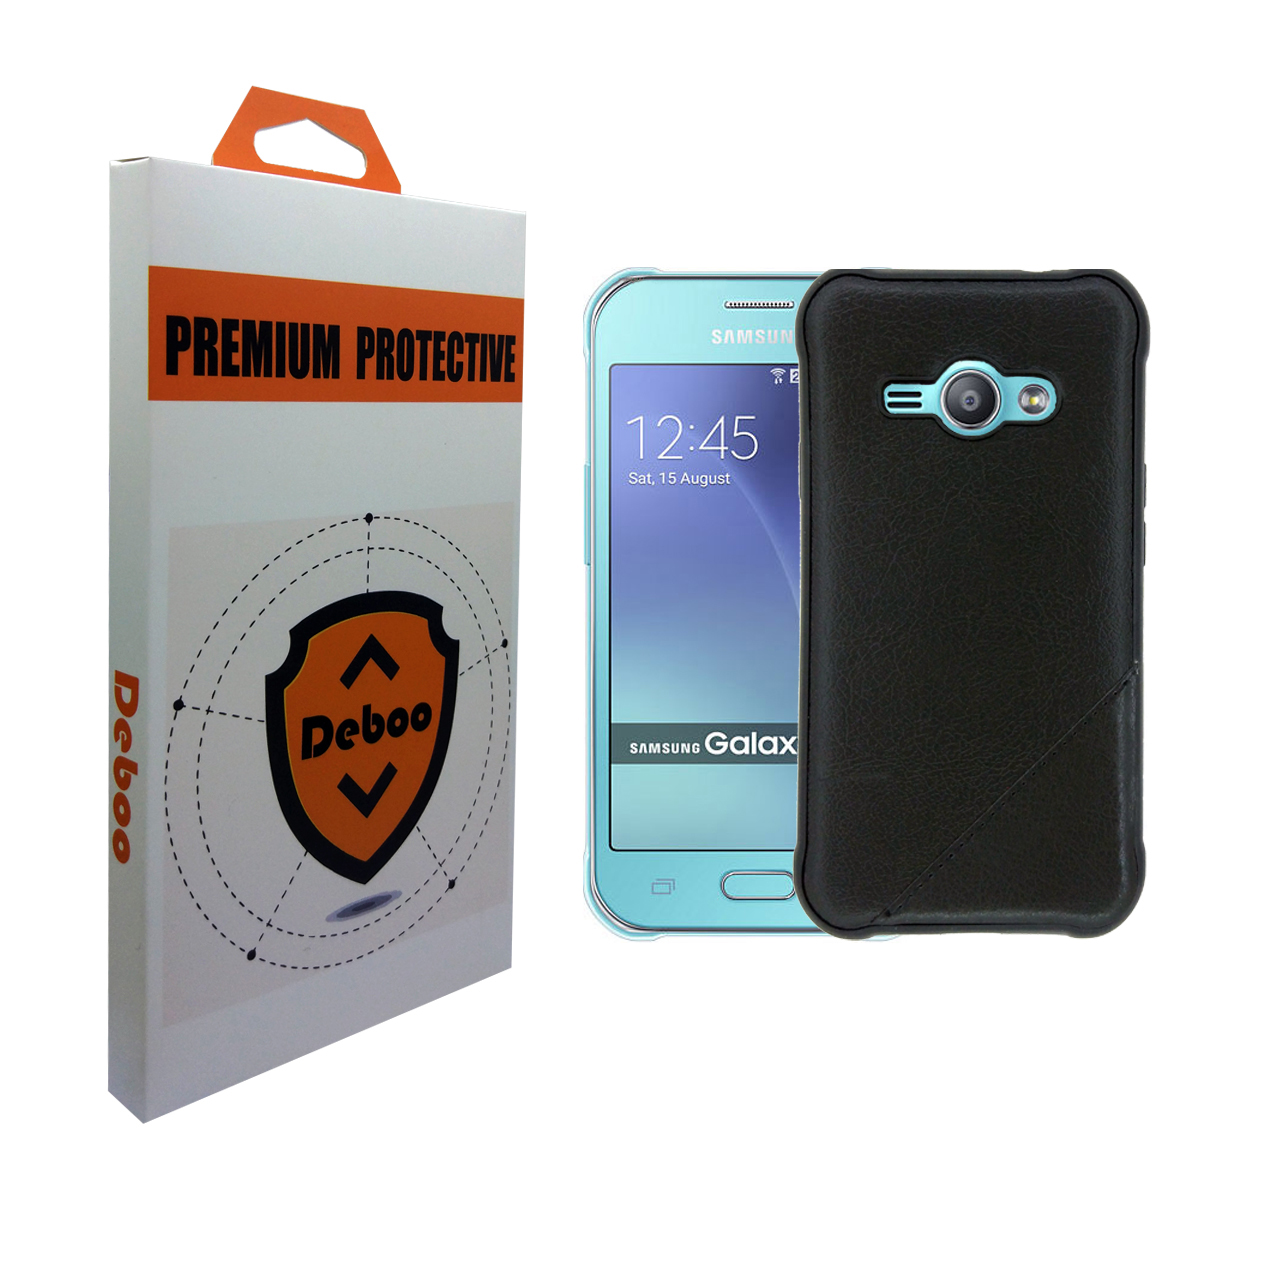 کاور دبو مدل RGS مناسب برای گوشی موبایل سامسونگ Galaxy J1 Ace              ( قیمت و خرید)